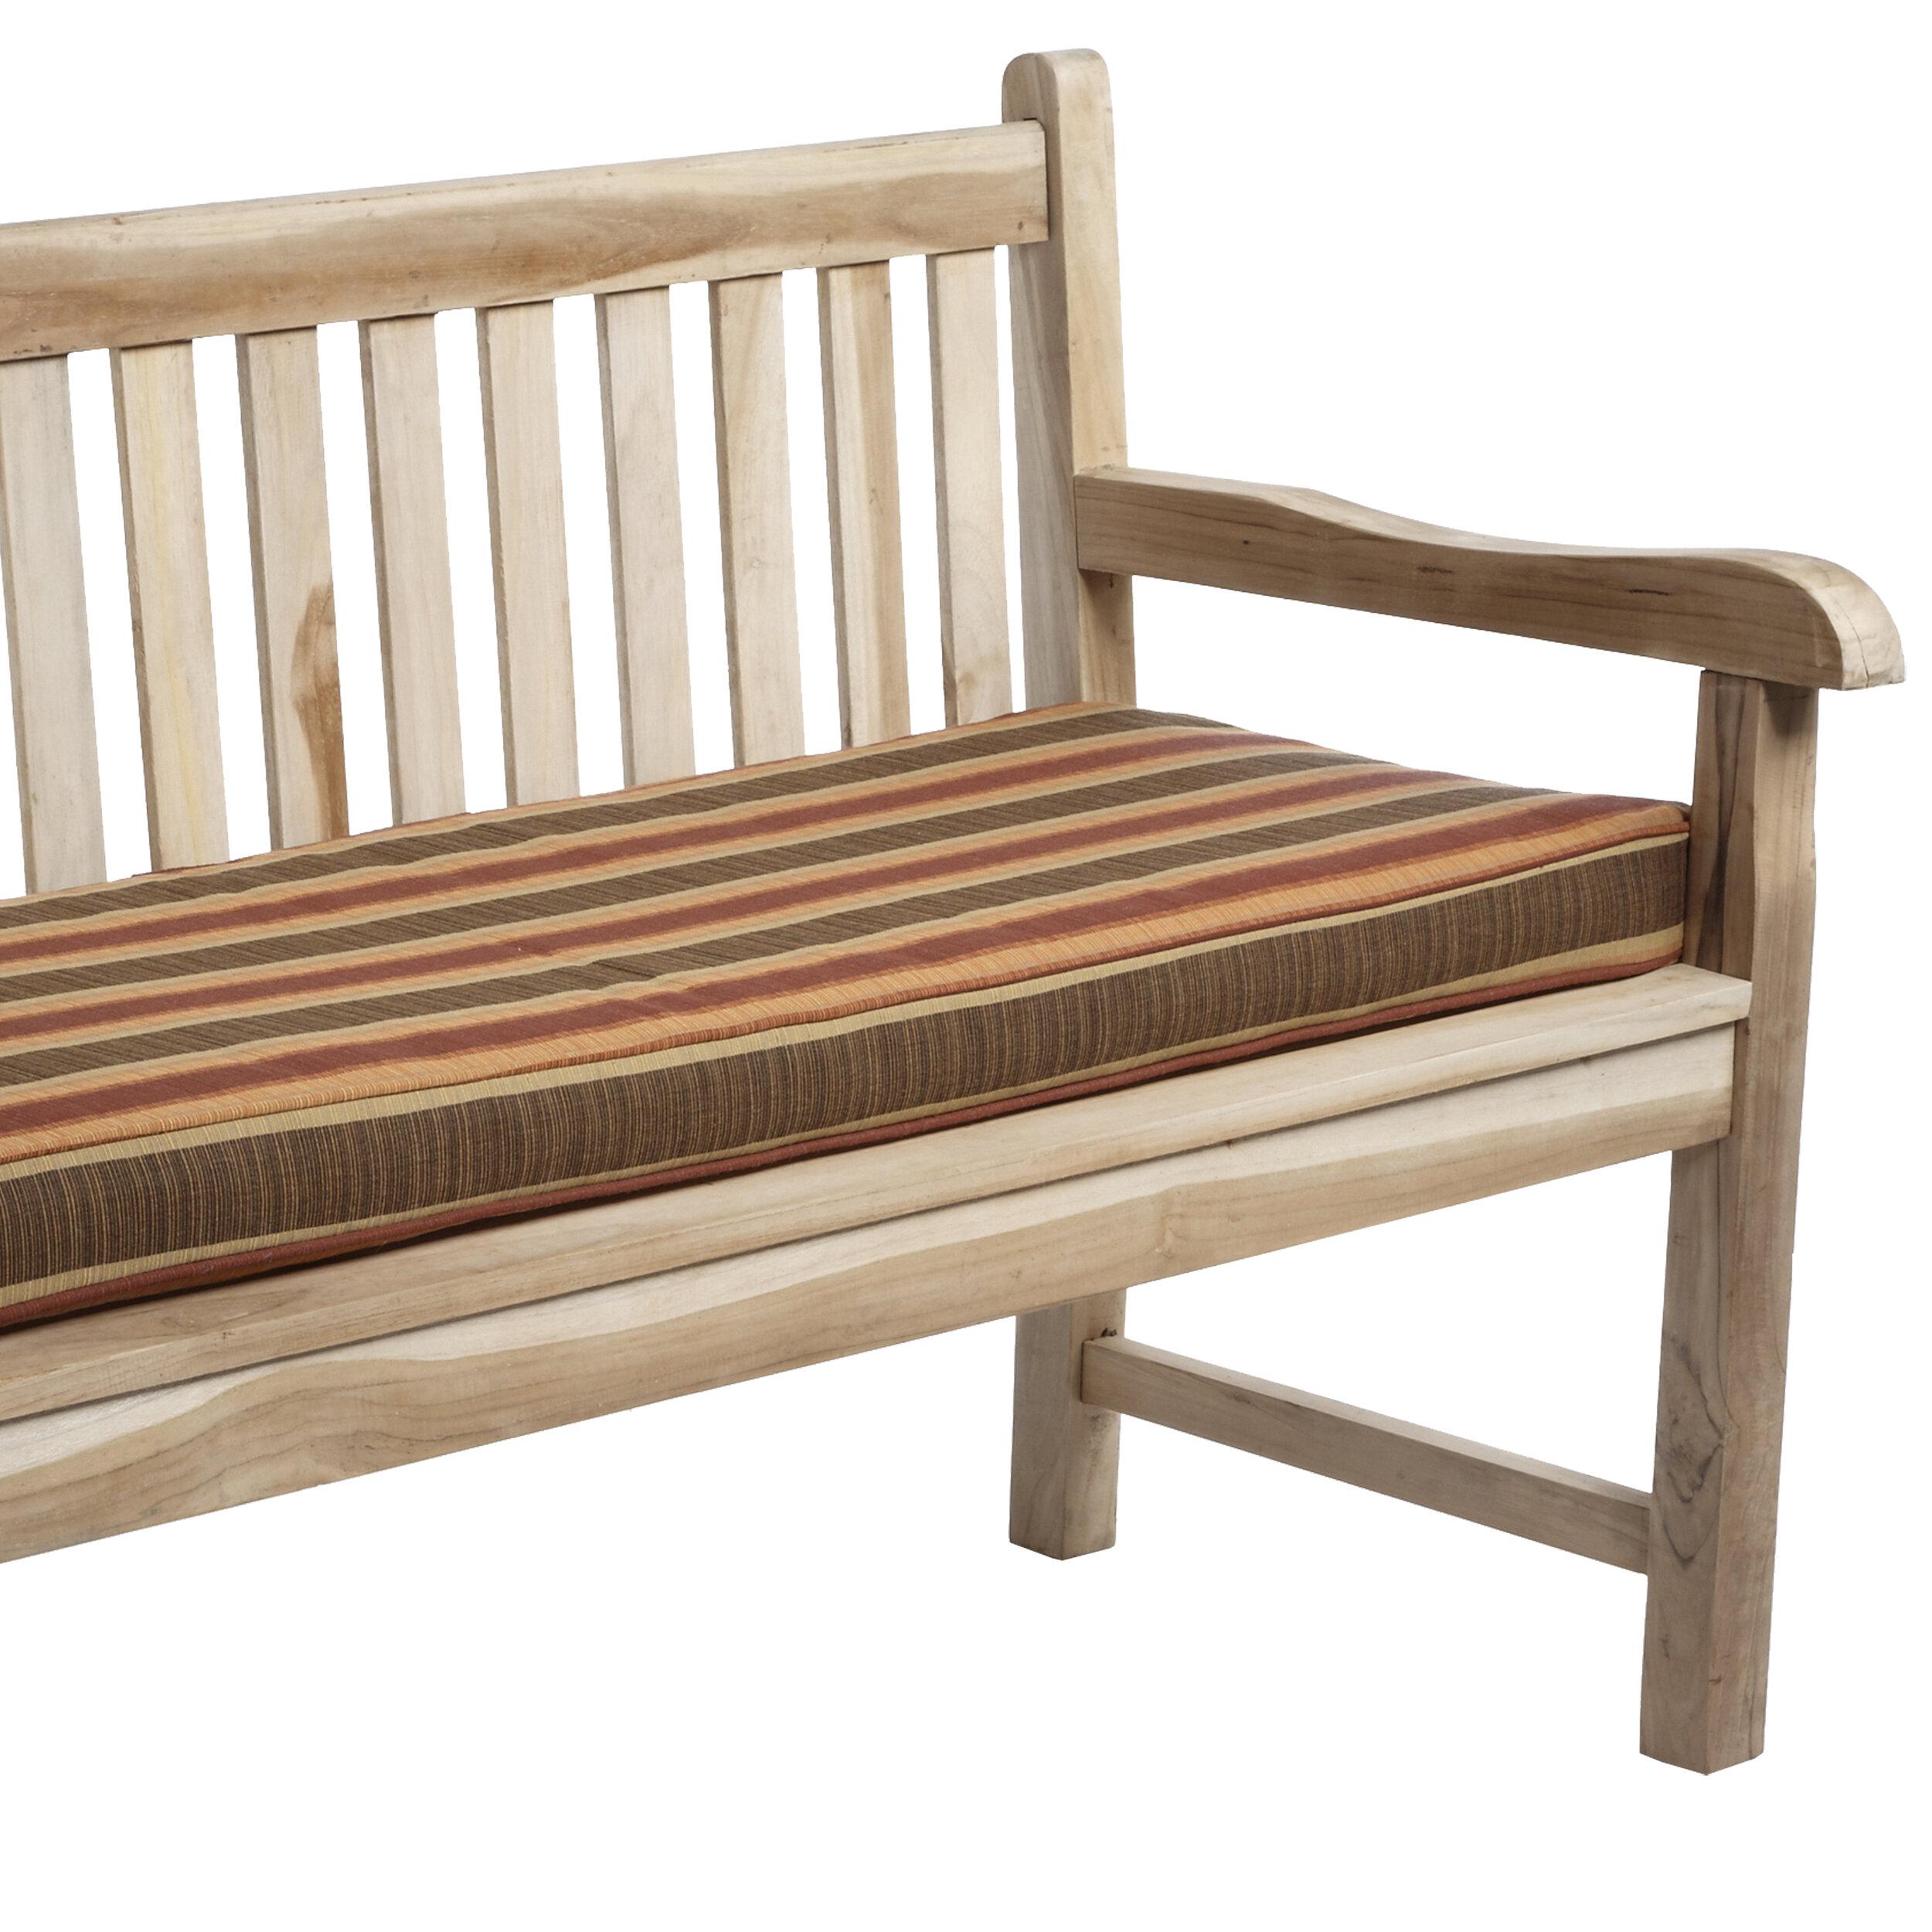 Beau Indoor/Outdoor Sunbrella Bench Cushion